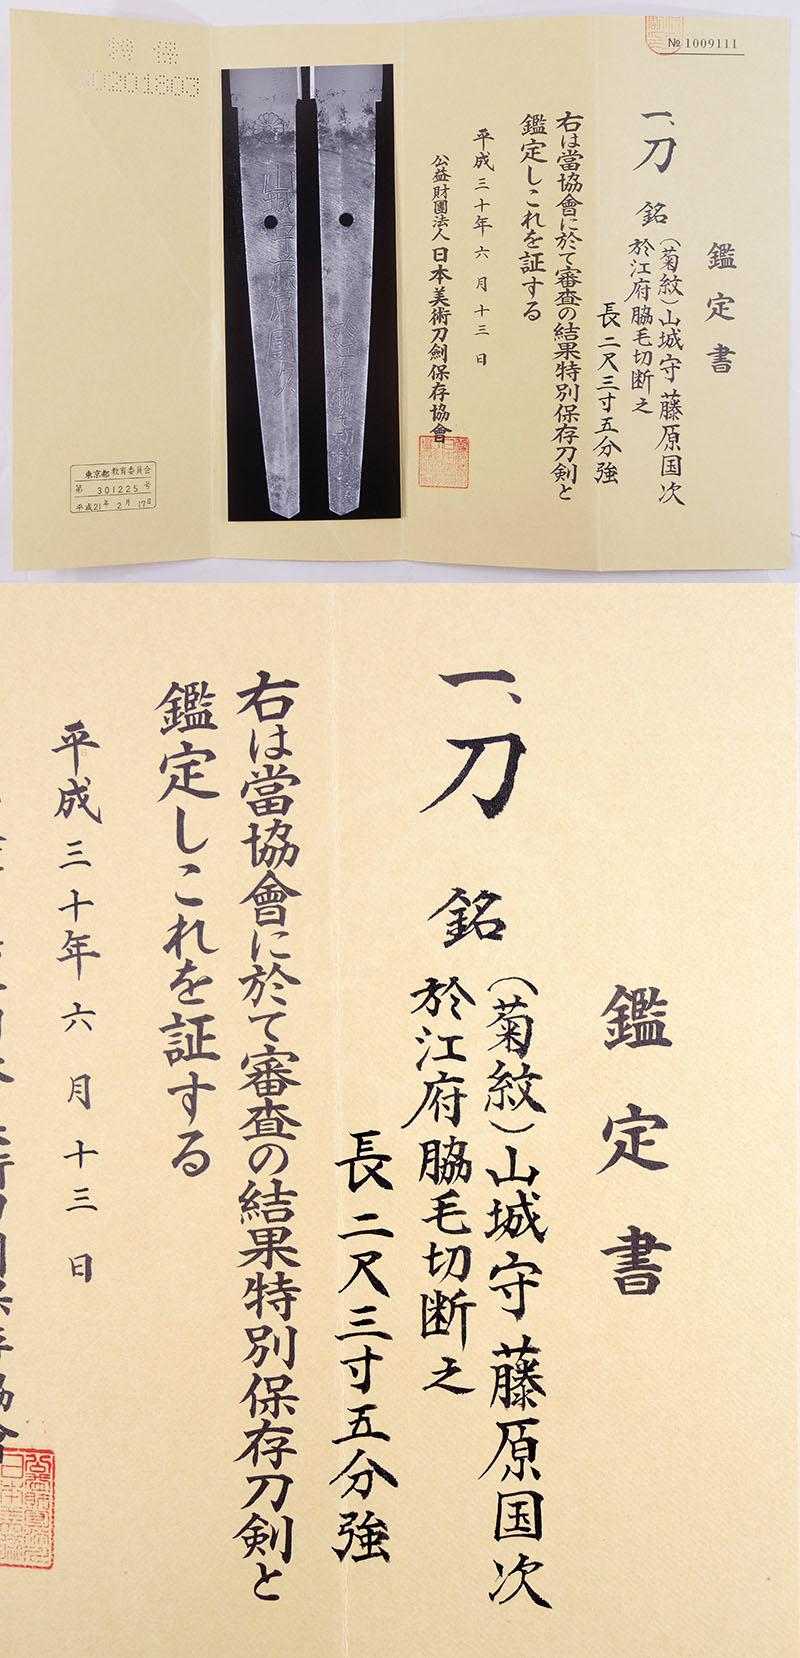 山城守藤原国次 Picture of Certificate